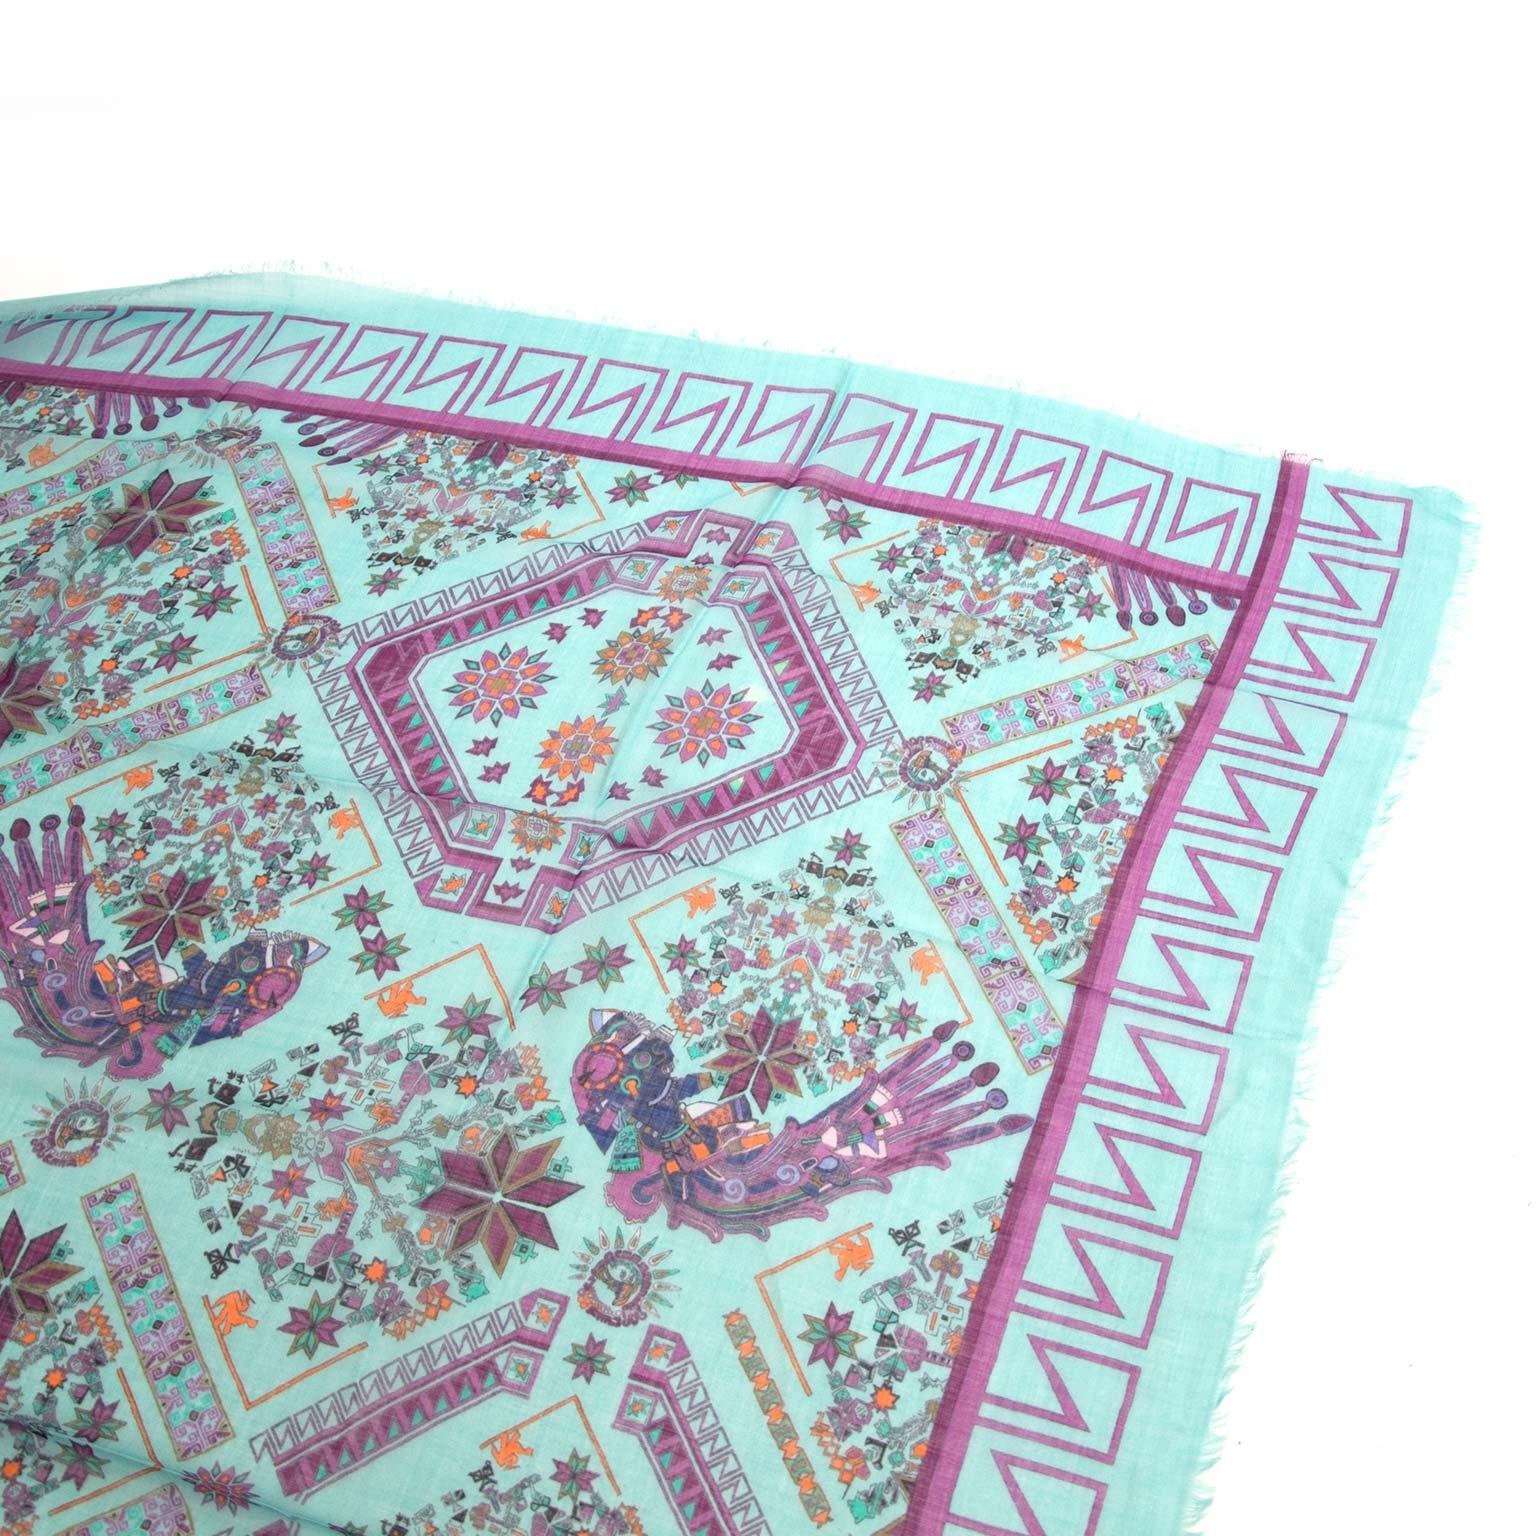 Koop versace blauwe zijden sjaal bij labellov vintage mode webshop belgië